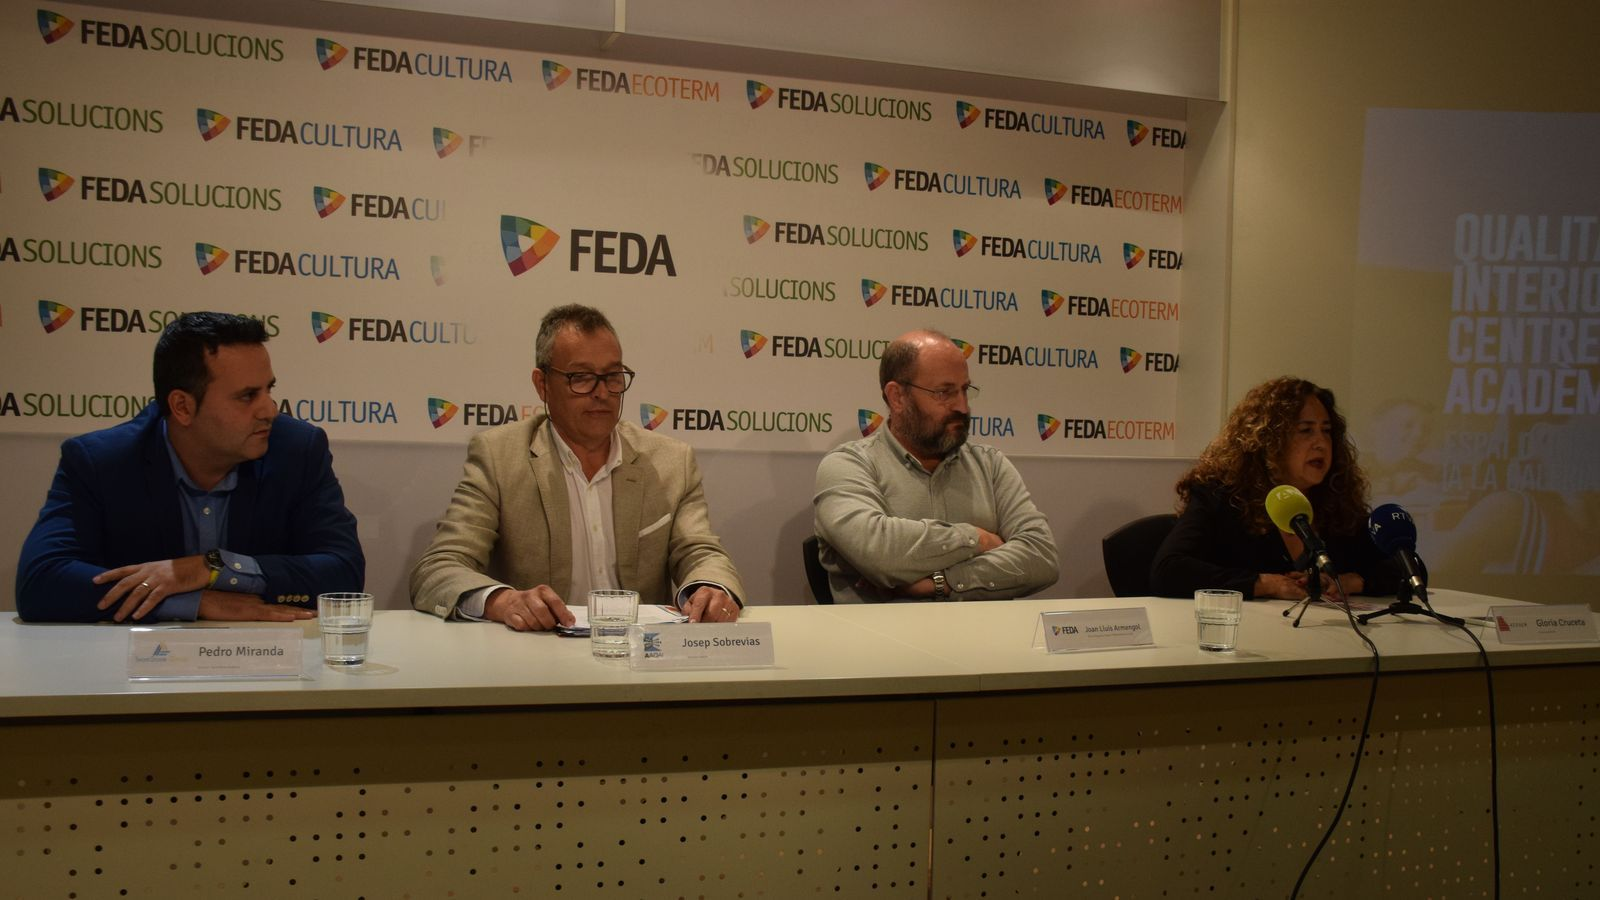 Pedro Miranda, director de TeamStone; Josep Sobrevias, president d'AAQAI; Joan Lluís Armengol, cap de Seguretat, Qualitat i Medi Ambient de FEDA, i la doctora Gloria Cruceta, presidenta de l'Associació Catalana d'Empreses Especialistes en Síndrome de l'Edifici Malalt. / M. R. F.